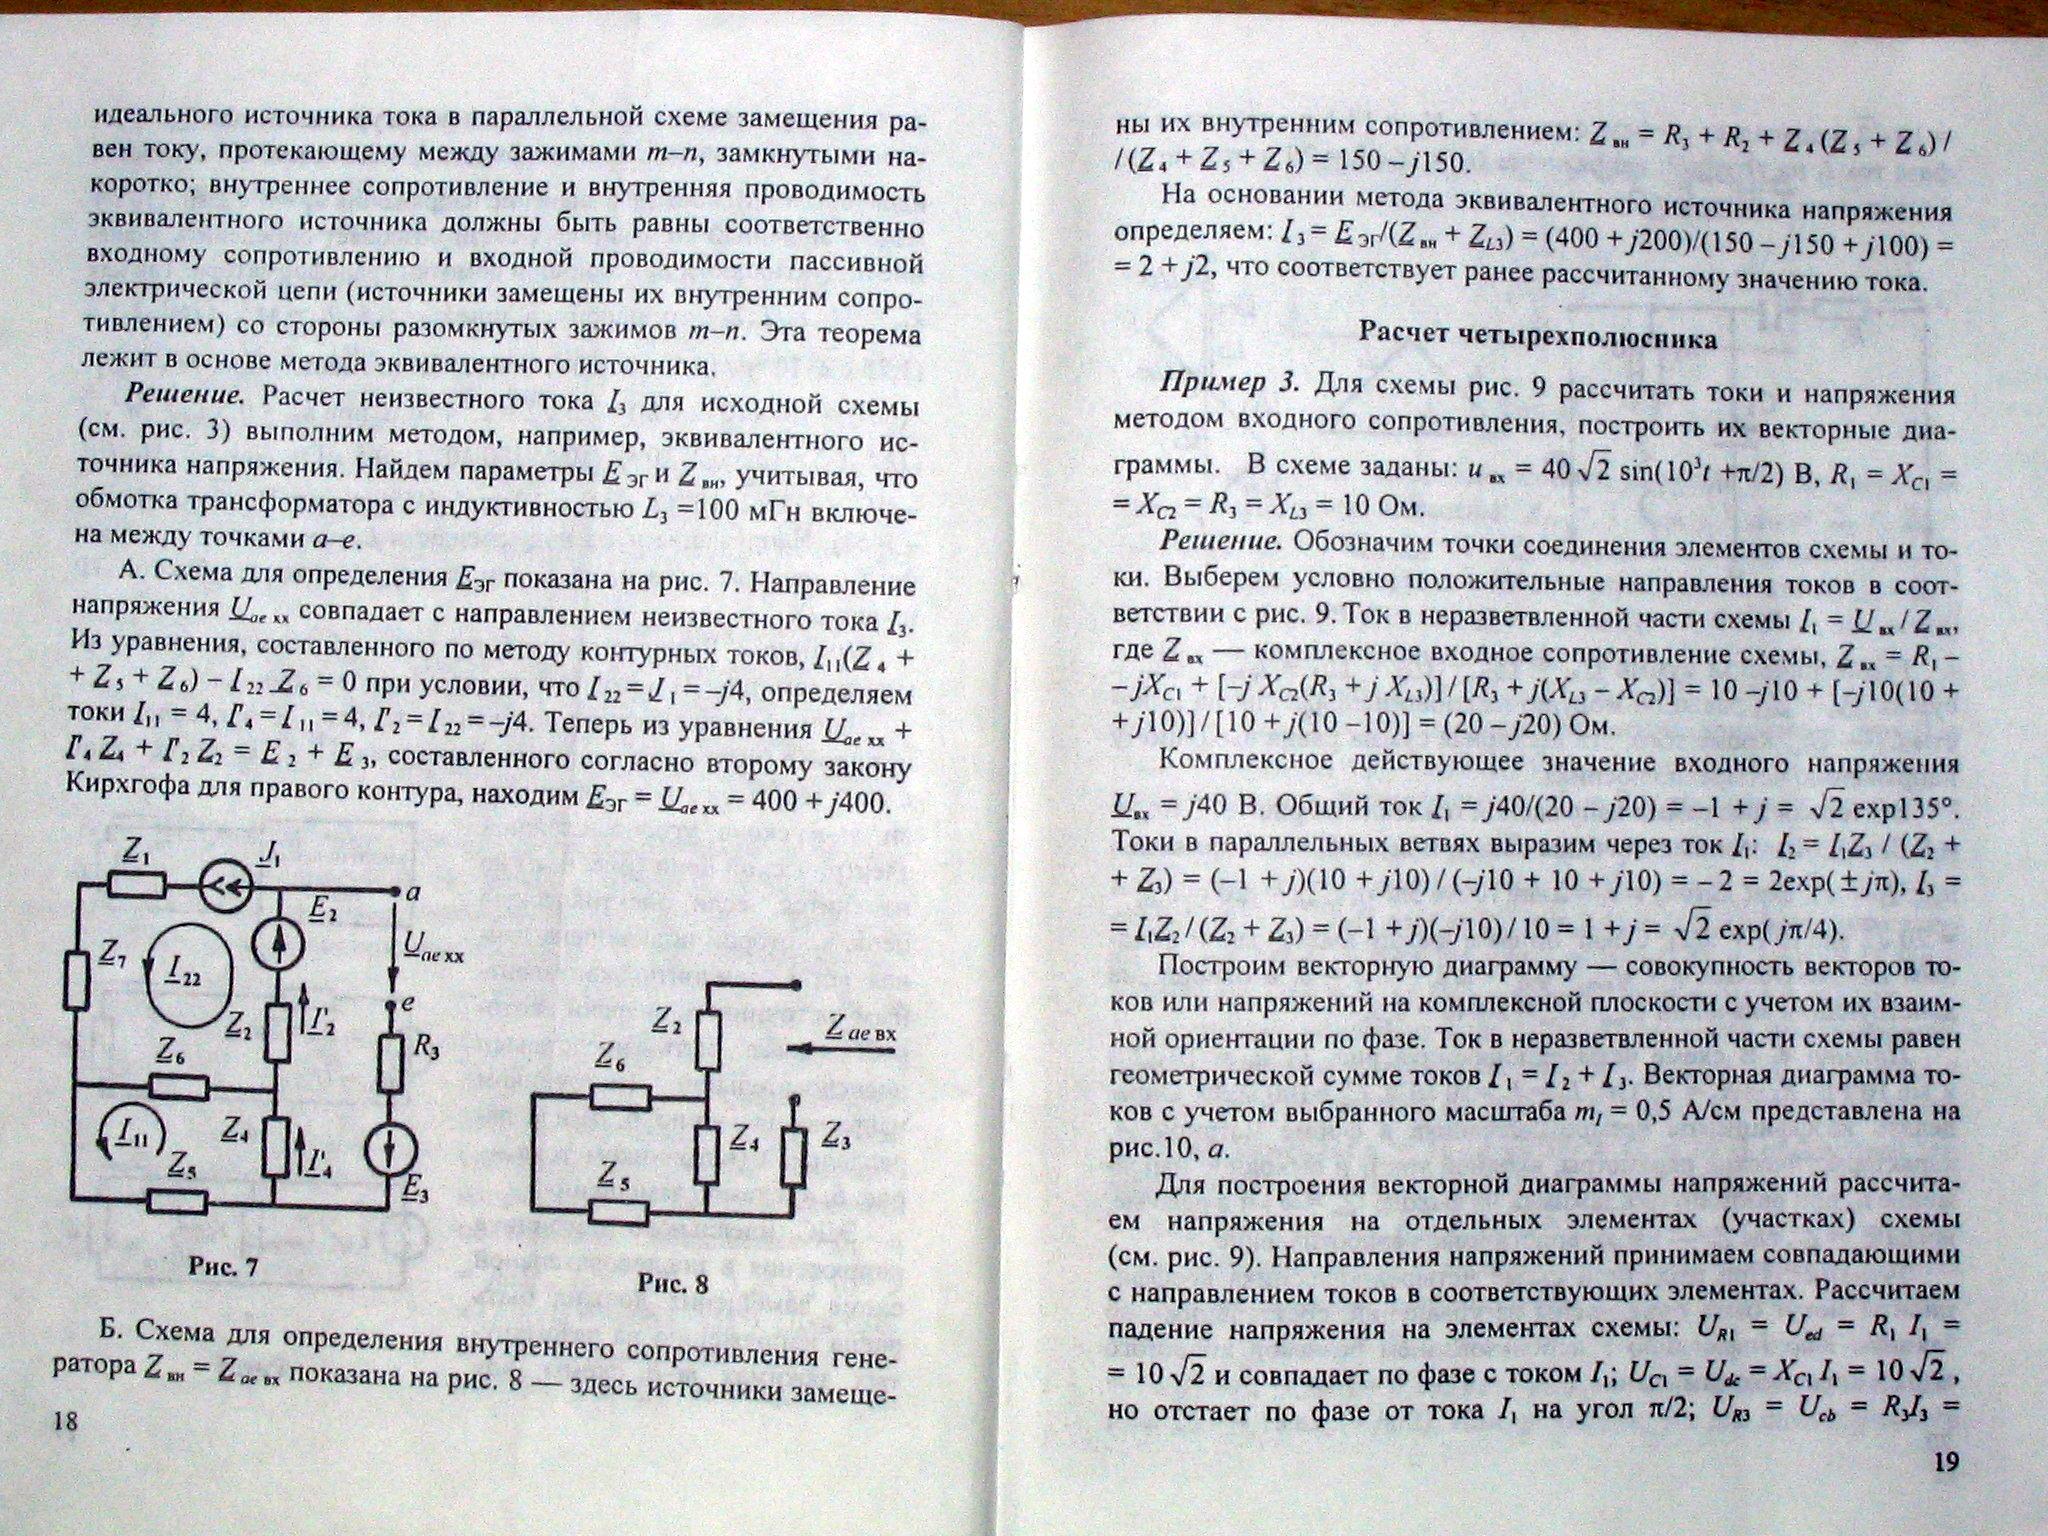 Схема замещения трансформатора в режиме короткого замыкания